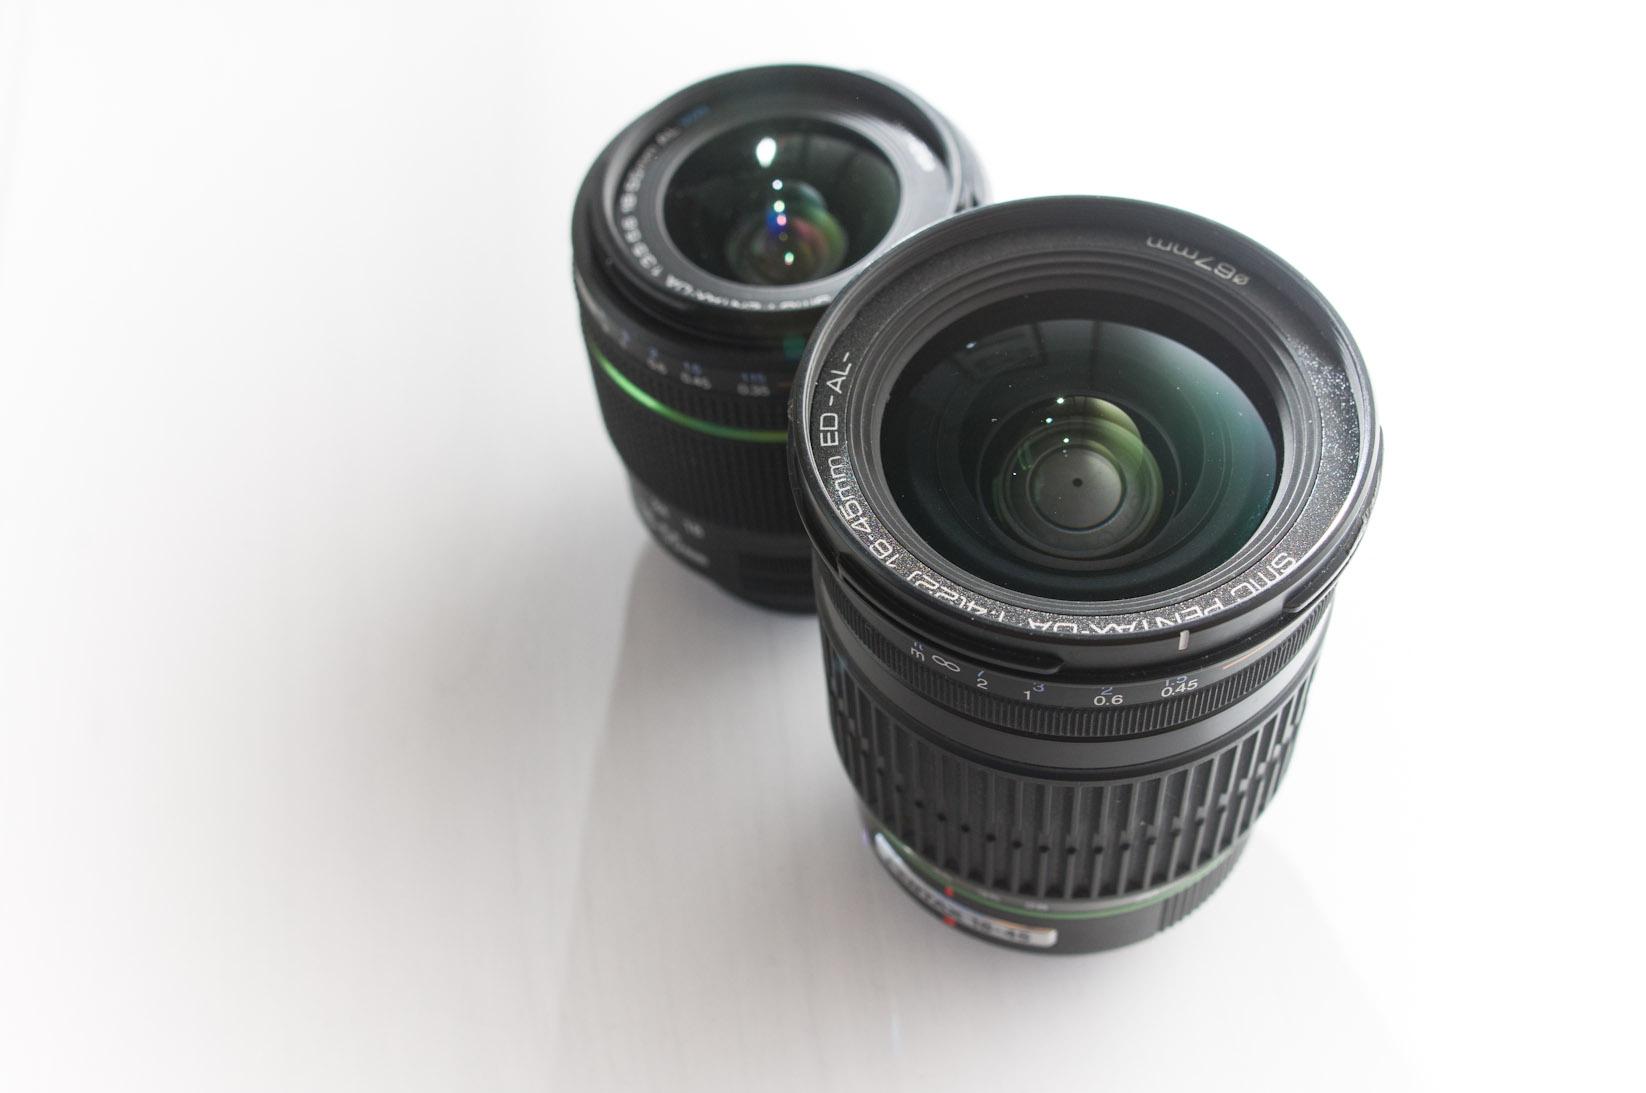 Pentax 16-45 f/4.0